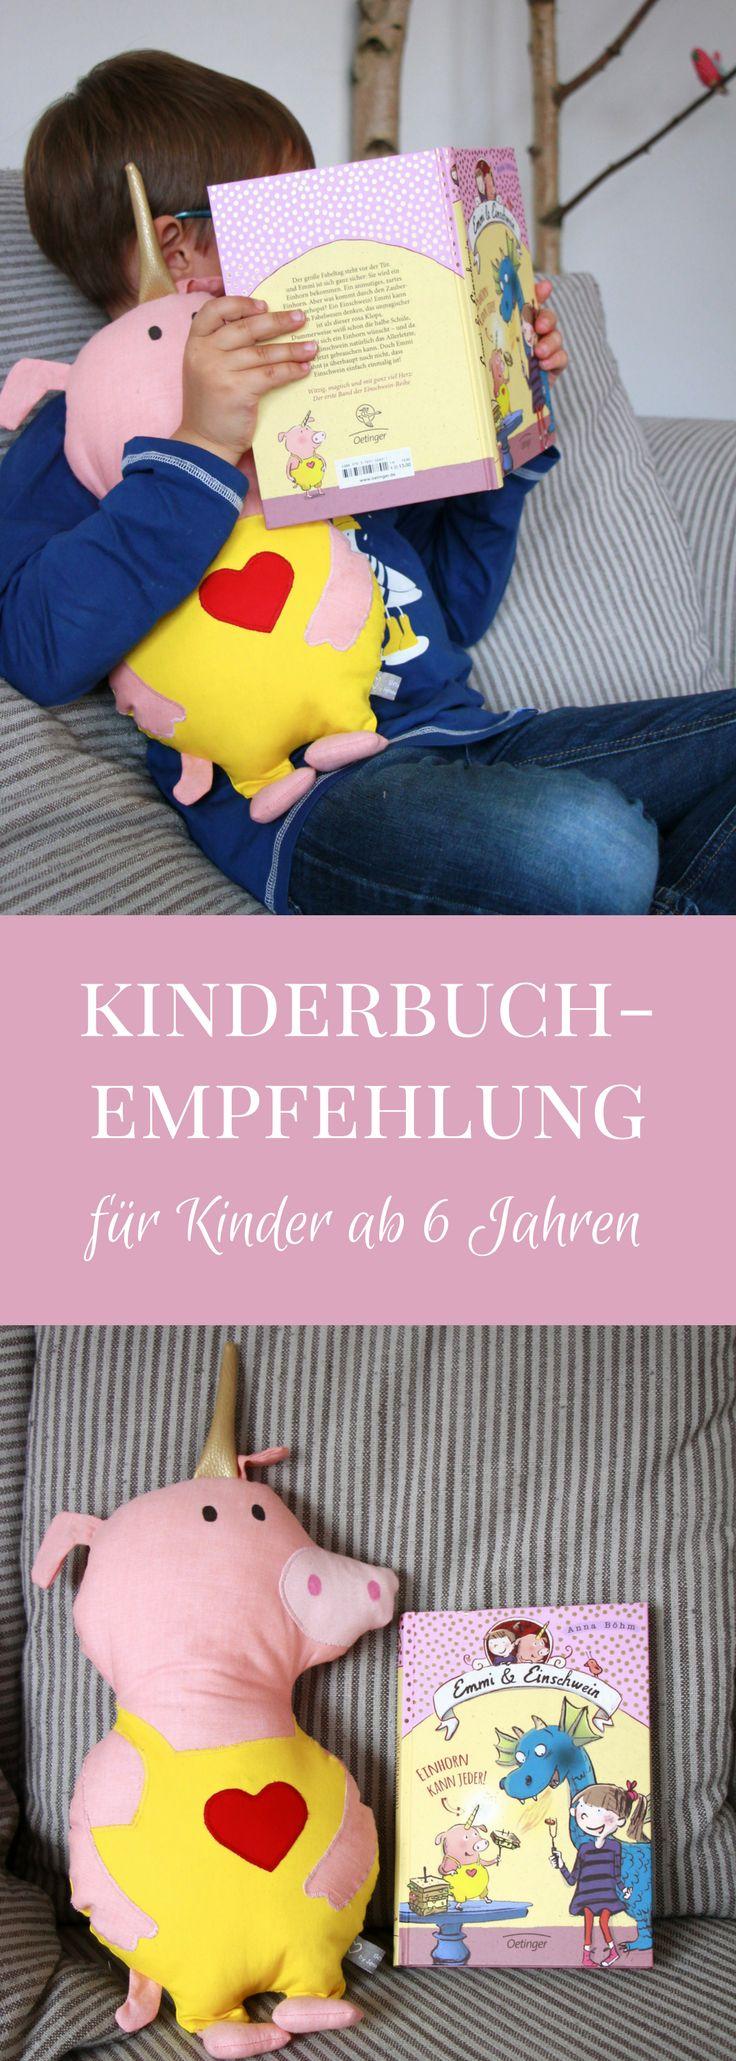 Kinderbuch-Tipp: Emmi & Einschwein – ein fabelhaftes Kinderbuch (inkl. Gewinnspiel – Lavendelblog